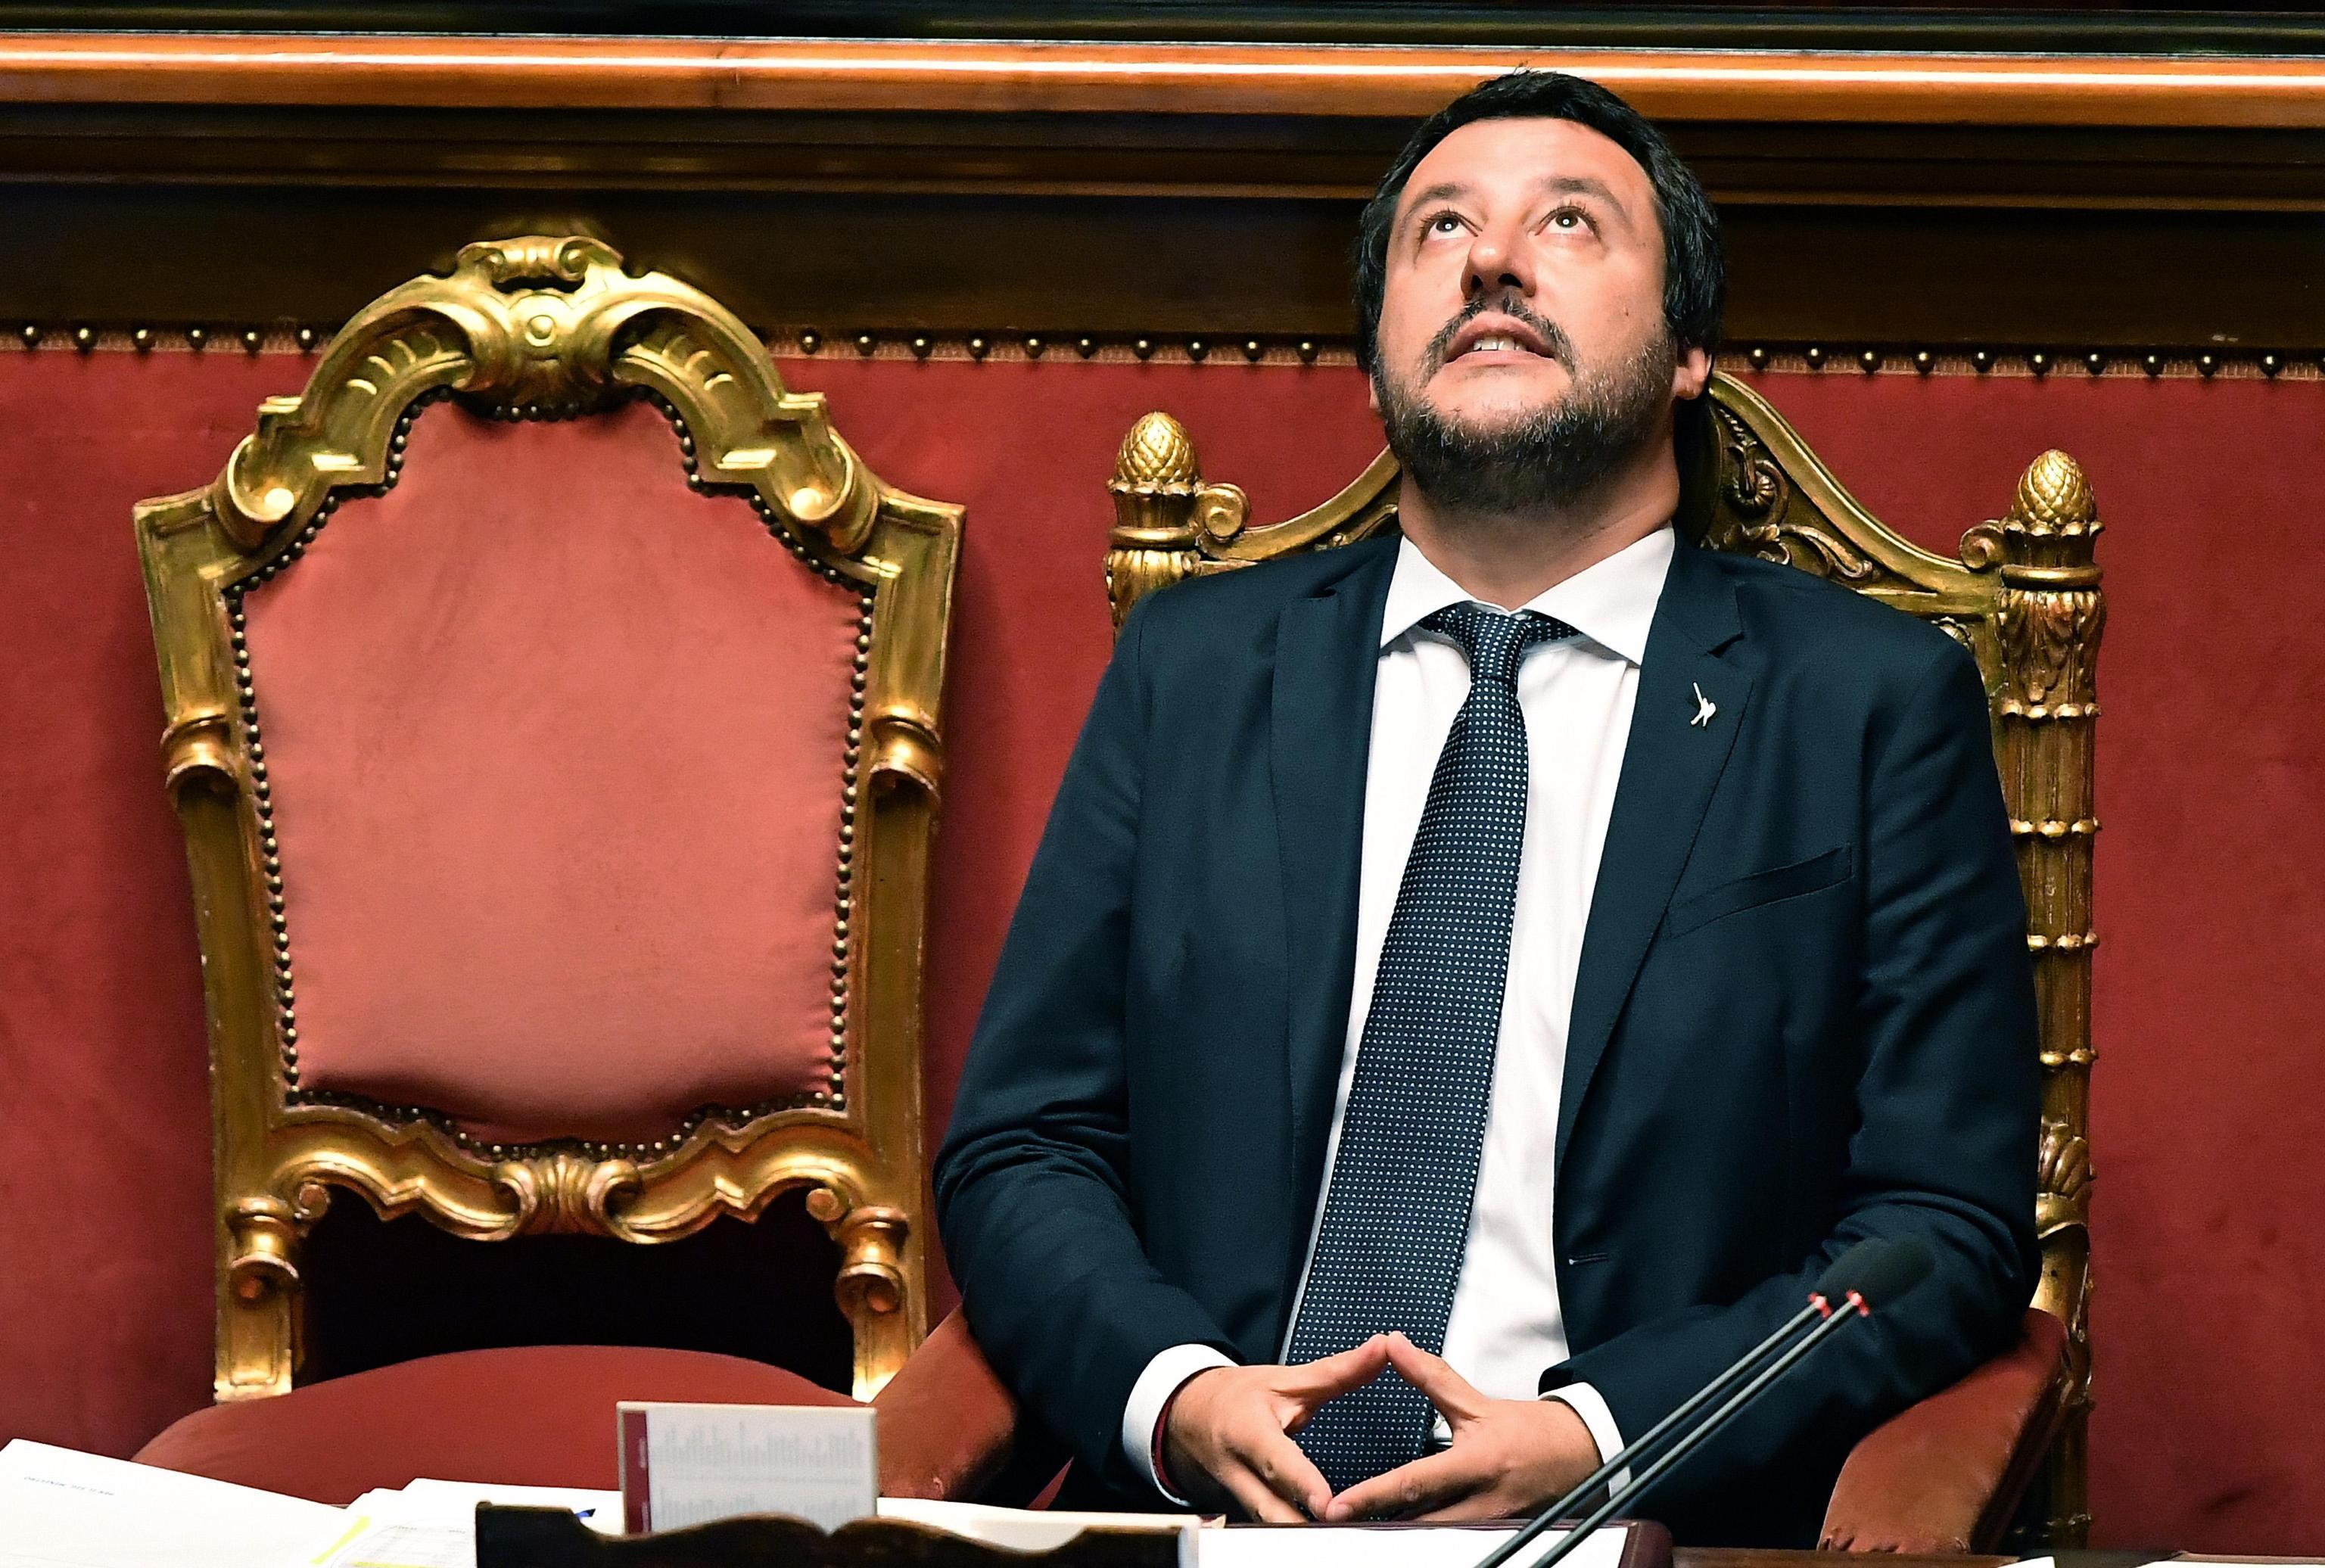 Discorso Camera Mussolini : Parla mussolini testo del discorso pronunciato dal balcone di